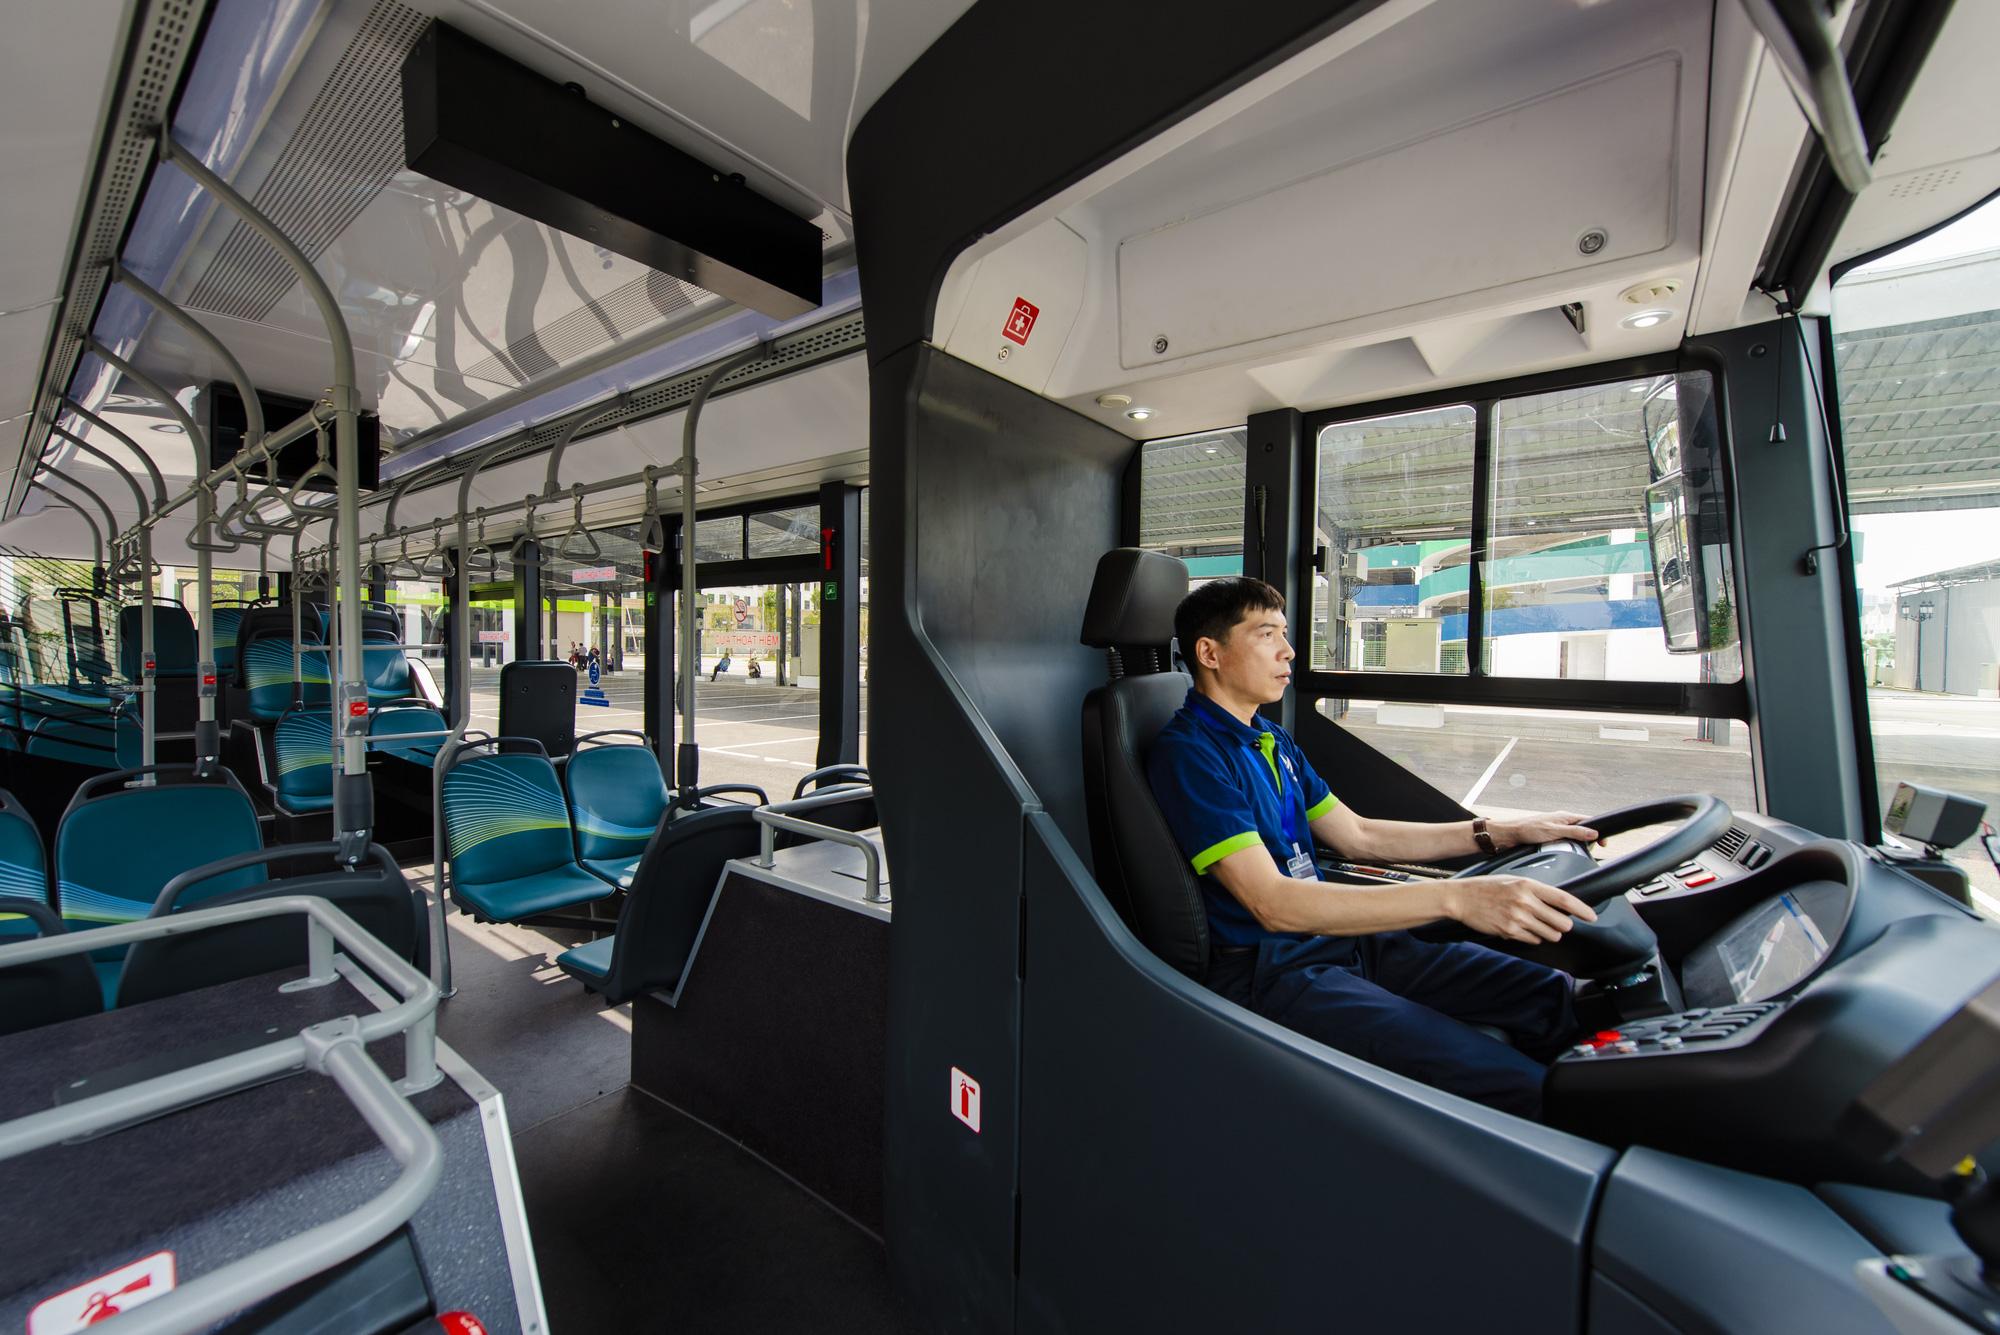 Cận cảnh xe buýt điện VinFast lăn bánh tại Hà Nội, có gì đặc biệt? - Ảnh 4.